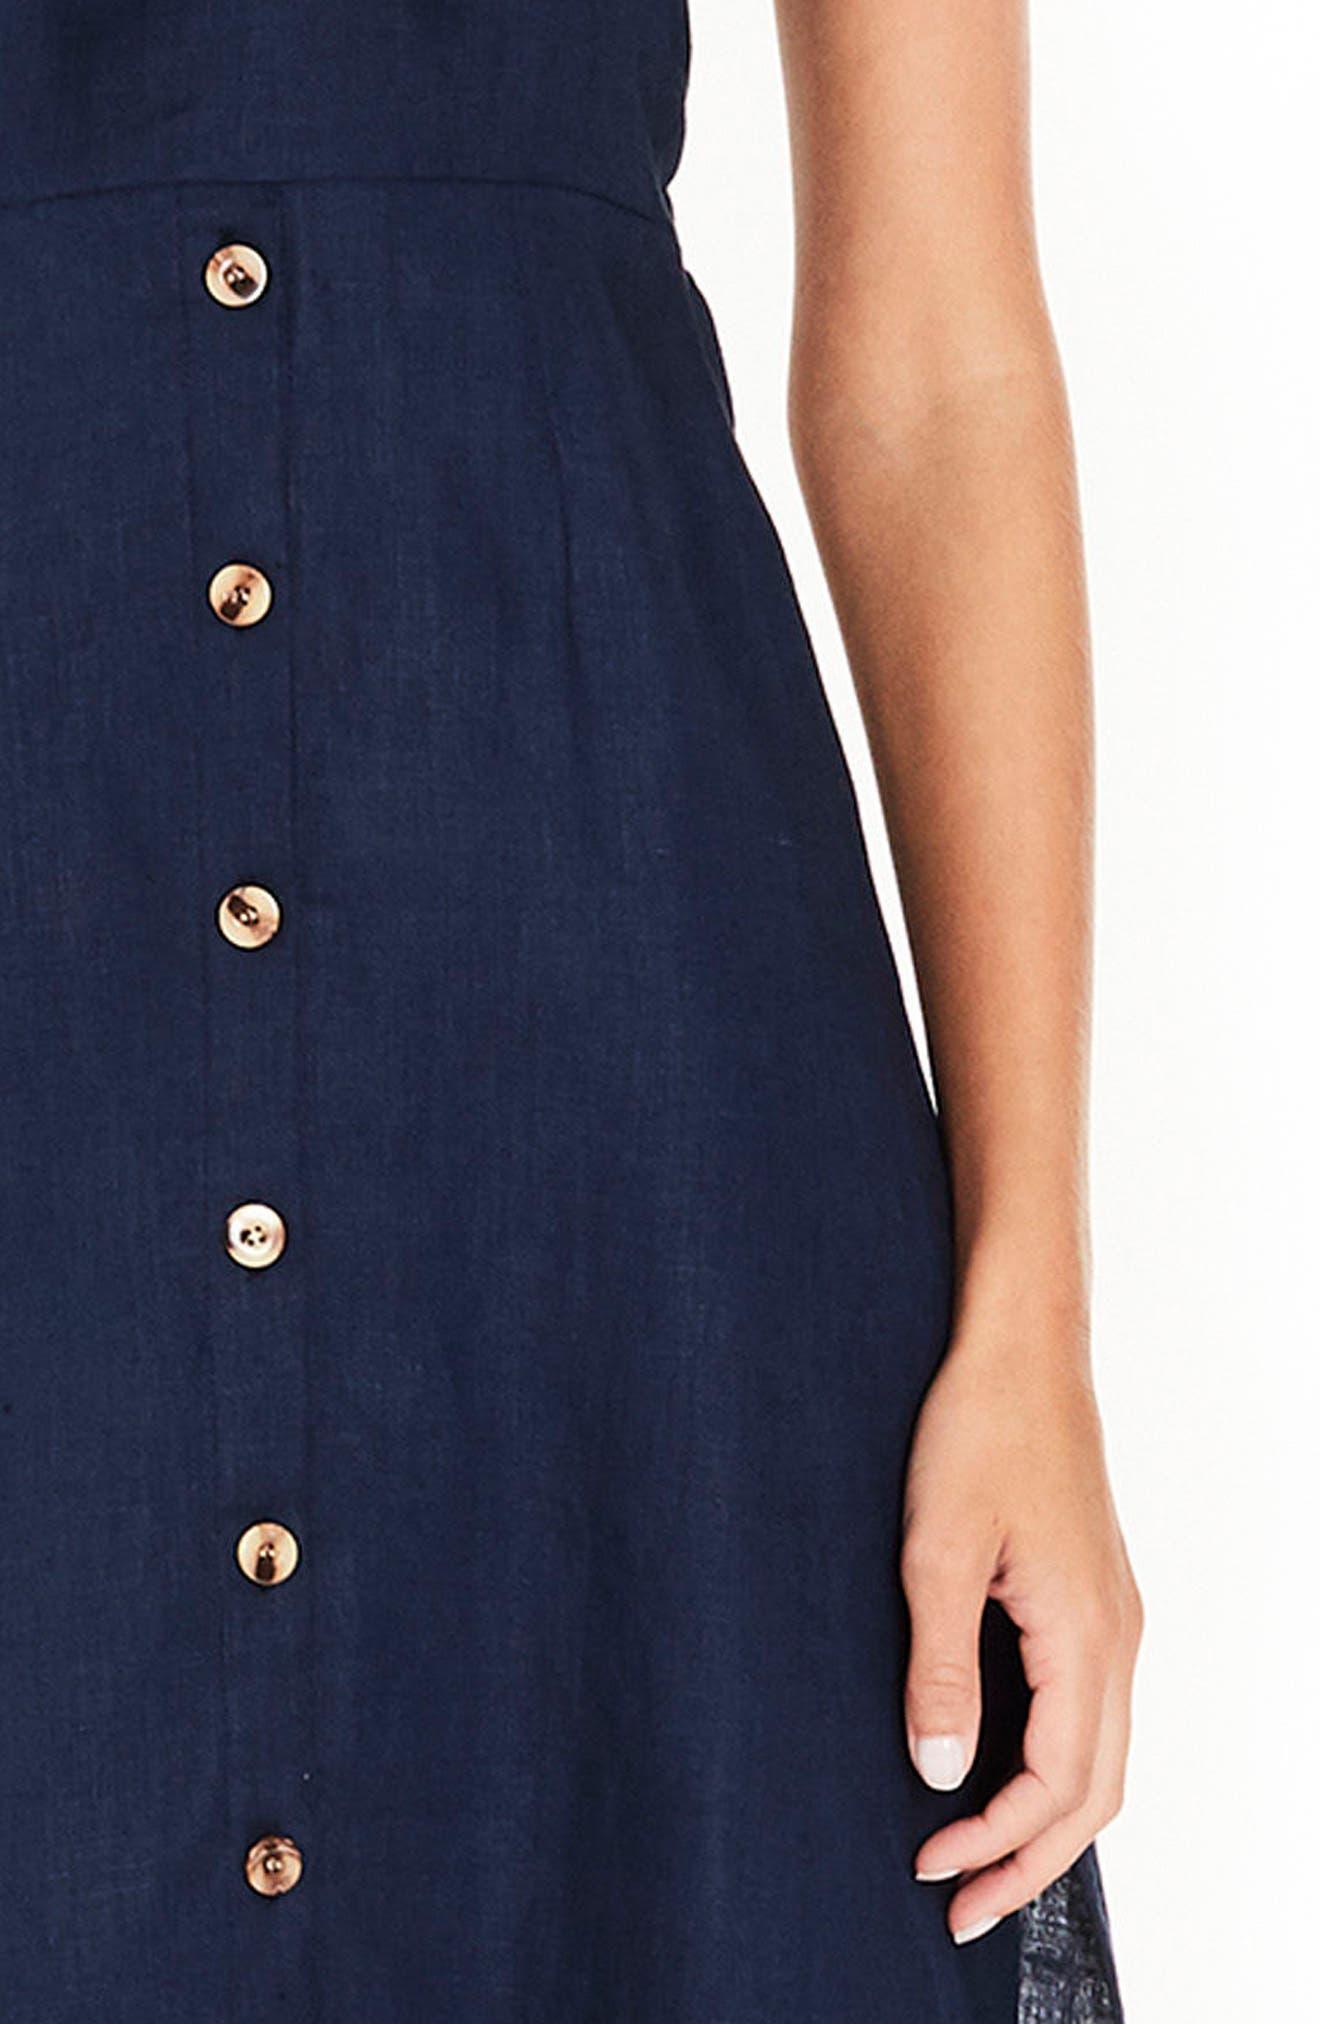 Knot Front Linen Midi Dress,                             Alternate thumbnail 4, color,                             Plain Vintage Blue Linen